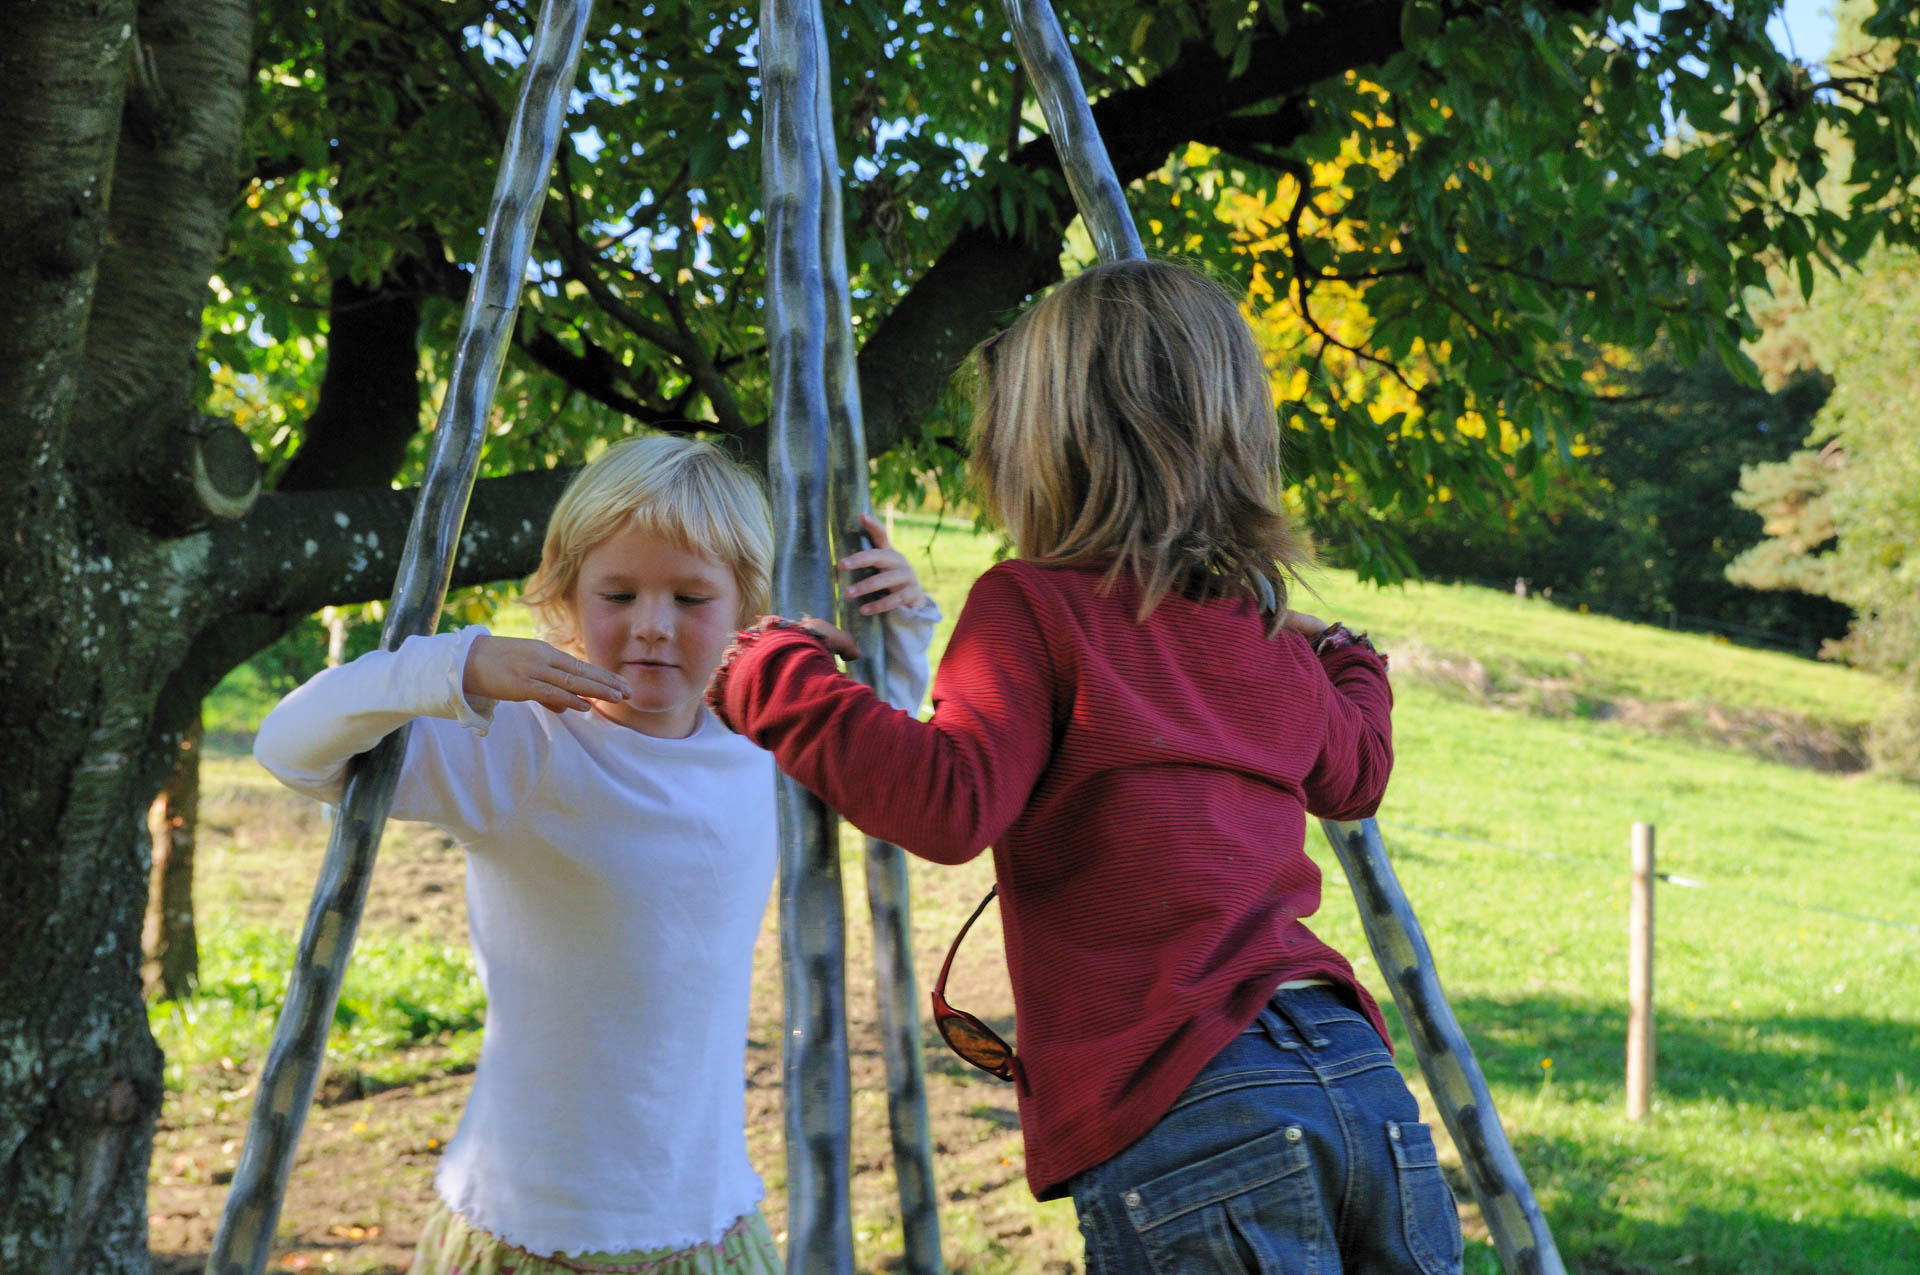 Spielen wie zuhause - Gasthaus Seerose in Nitzenweiler bei Kressbronn am Bodensee